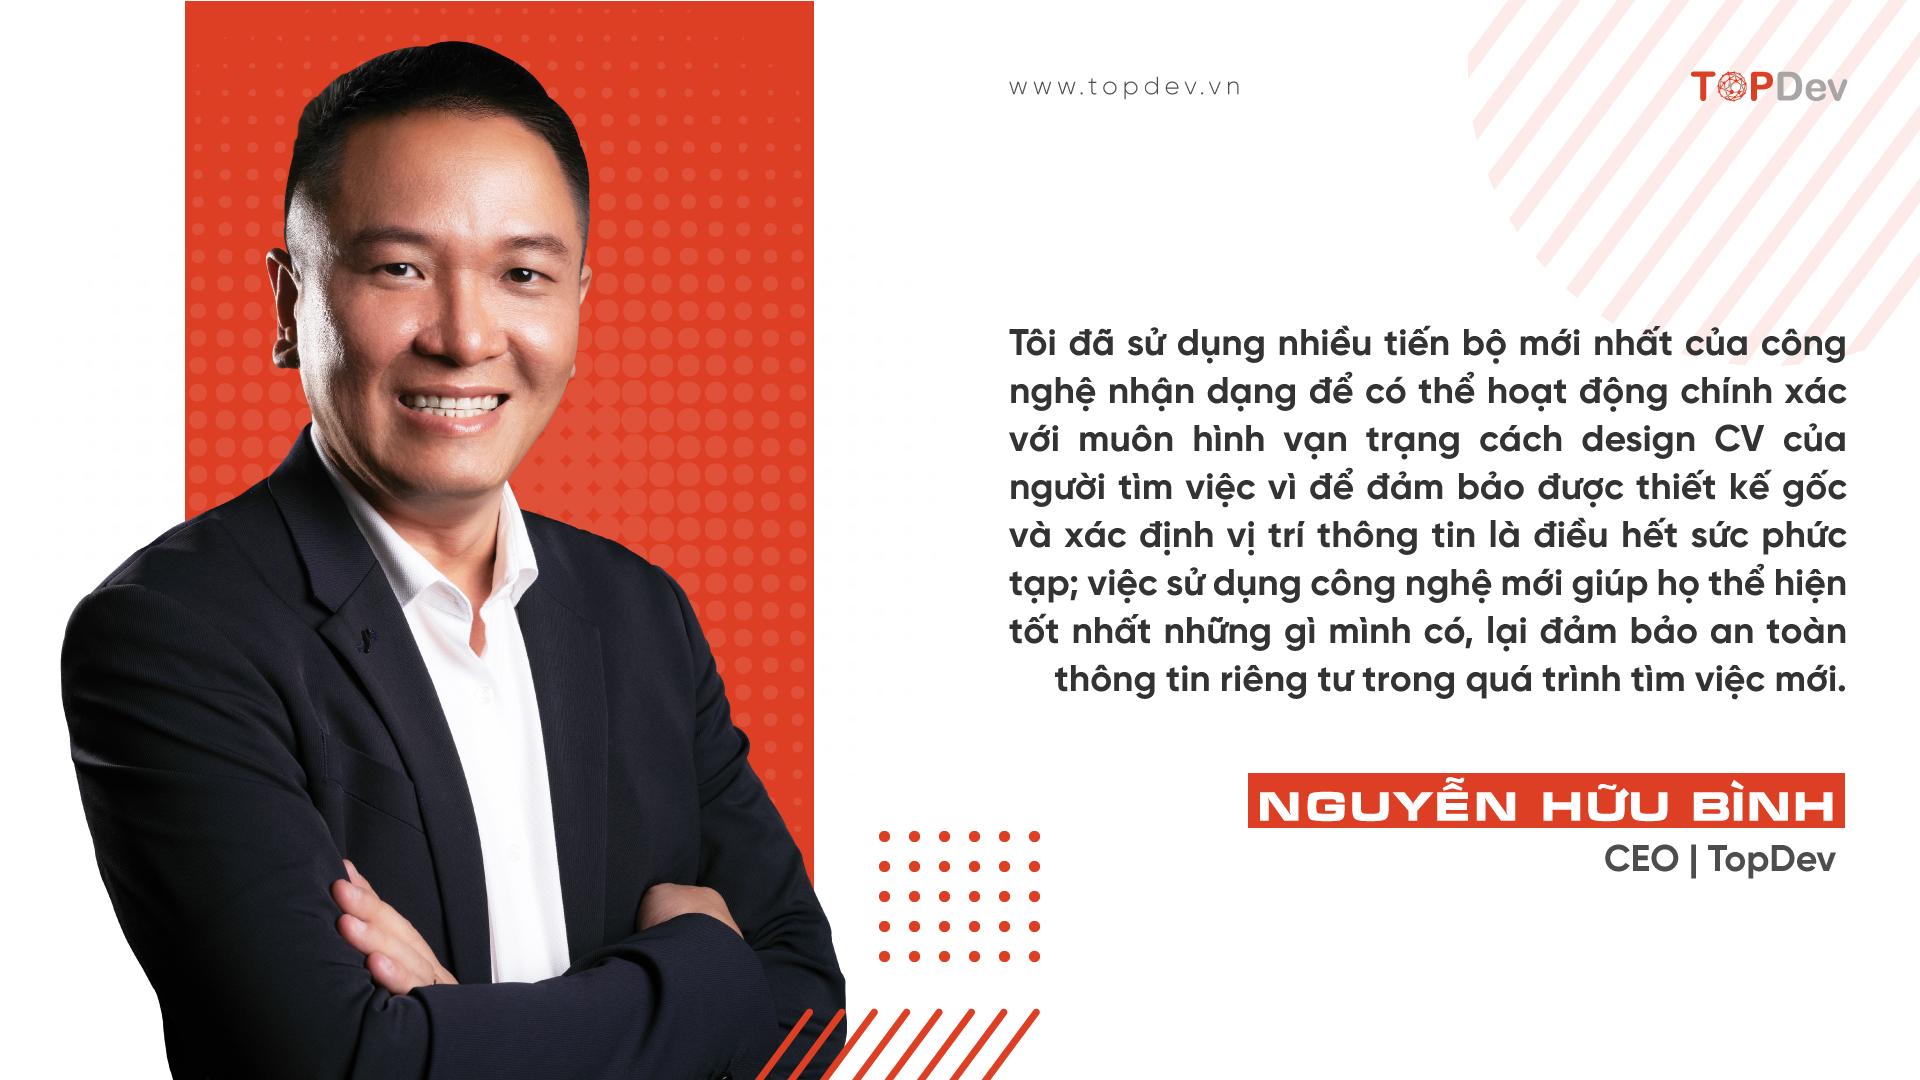 CEO TopDev ra mắt công nghệ AI/Computer Vision trợ giúp kết nối doanh nghiệp với người mất việc vì Covid